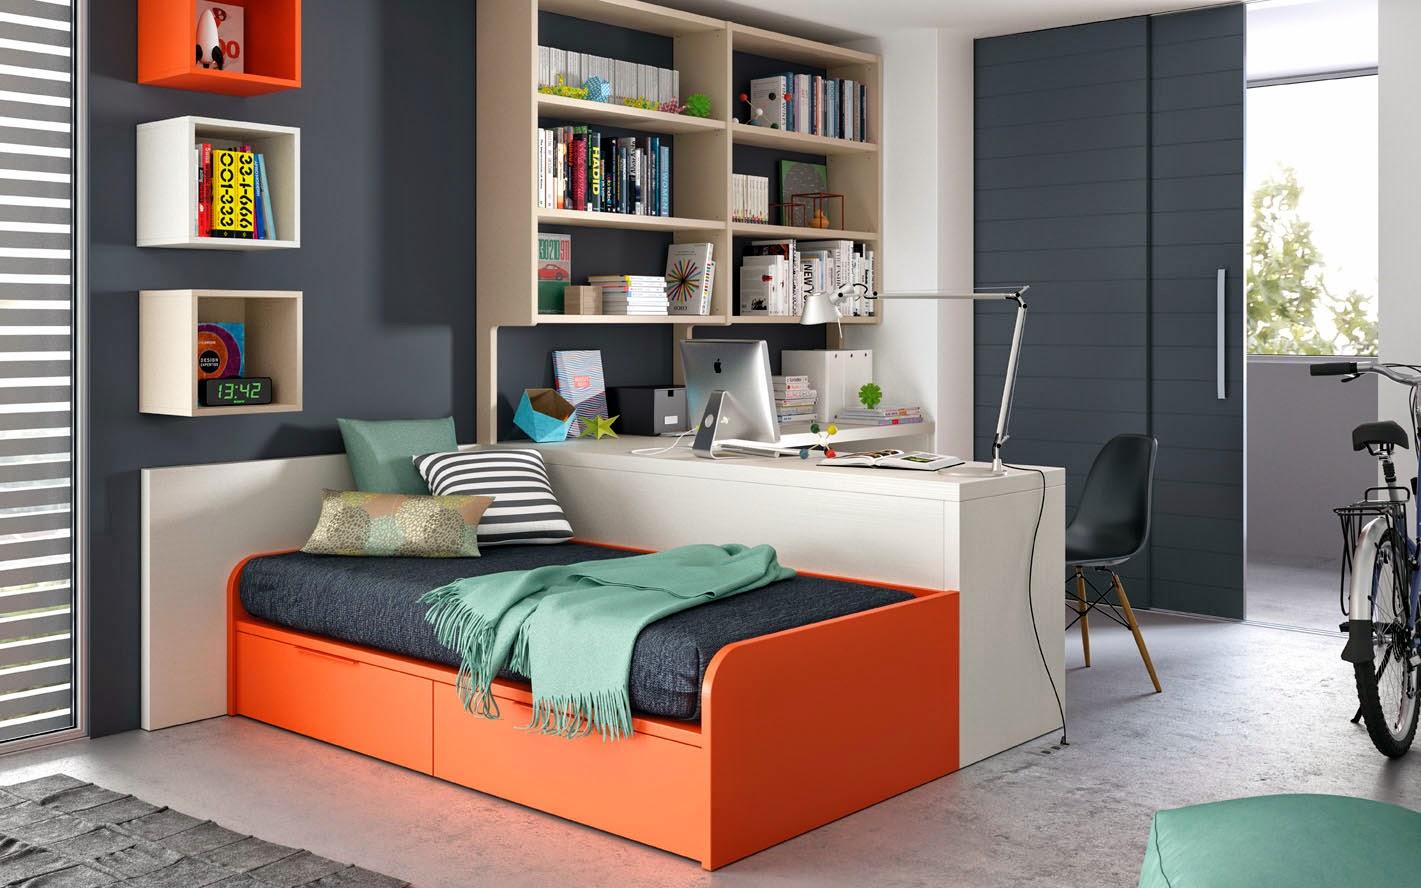 Novedades en dormitorios juveniles - Dormitorio infantil original ...